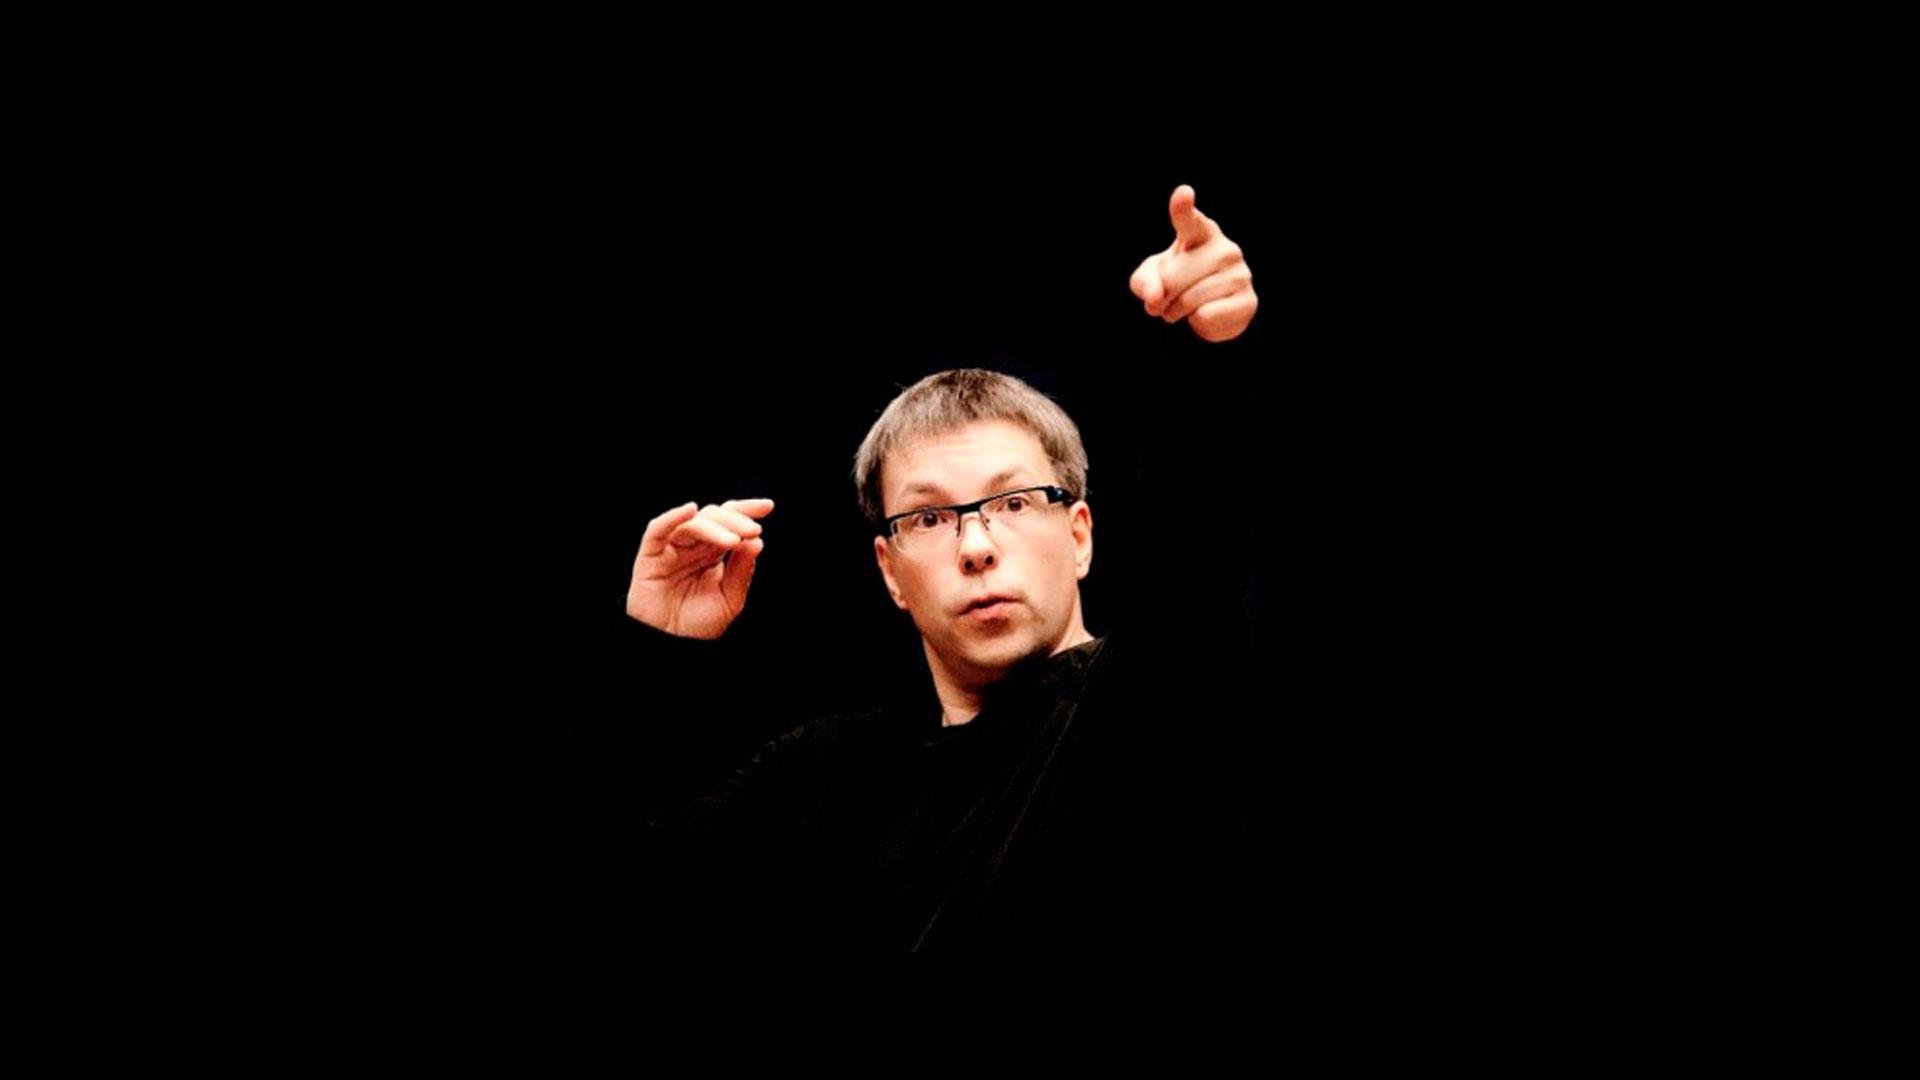 """La OSG cierra su temporada de conciertos con la emblemática """"Quinta sinfonía"""" de Beethoven en un programa que incluye obras de John Adams y que estará dirigido por Olari Elts en sustitución de Osmo Vänskä"""